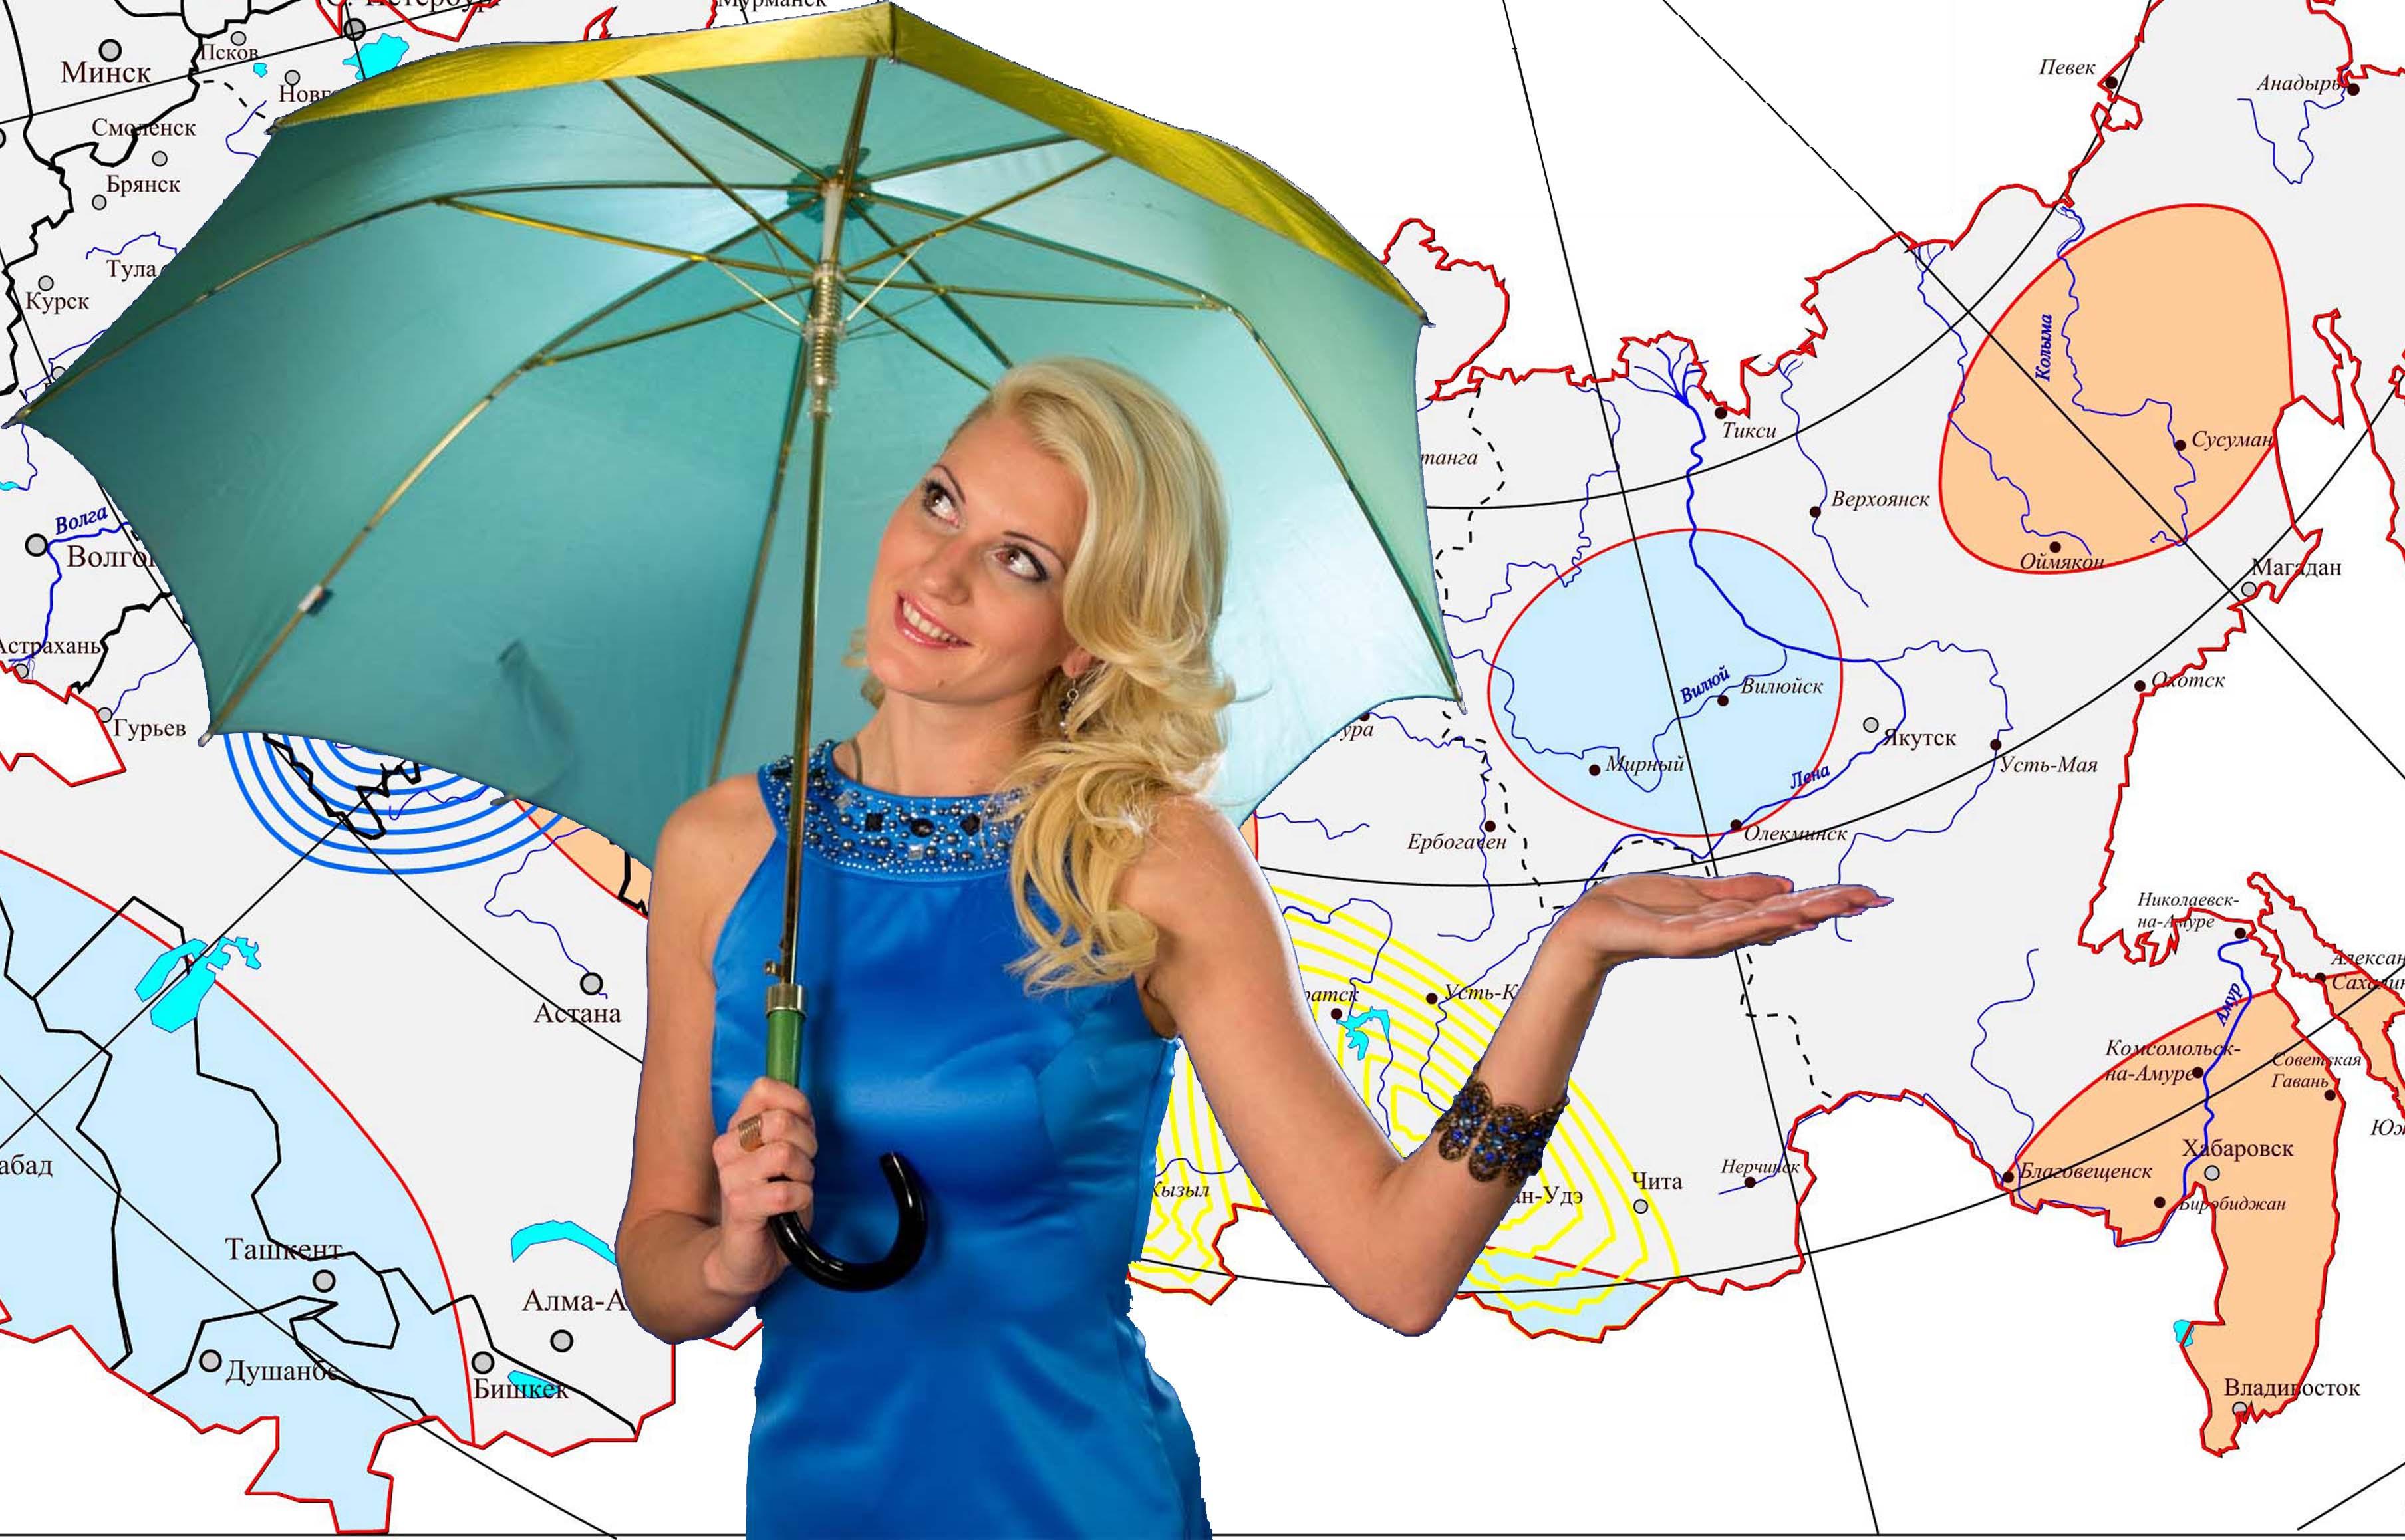 ребенок погода в сарканде на ноябрь 2016 г термобелье торговой марки